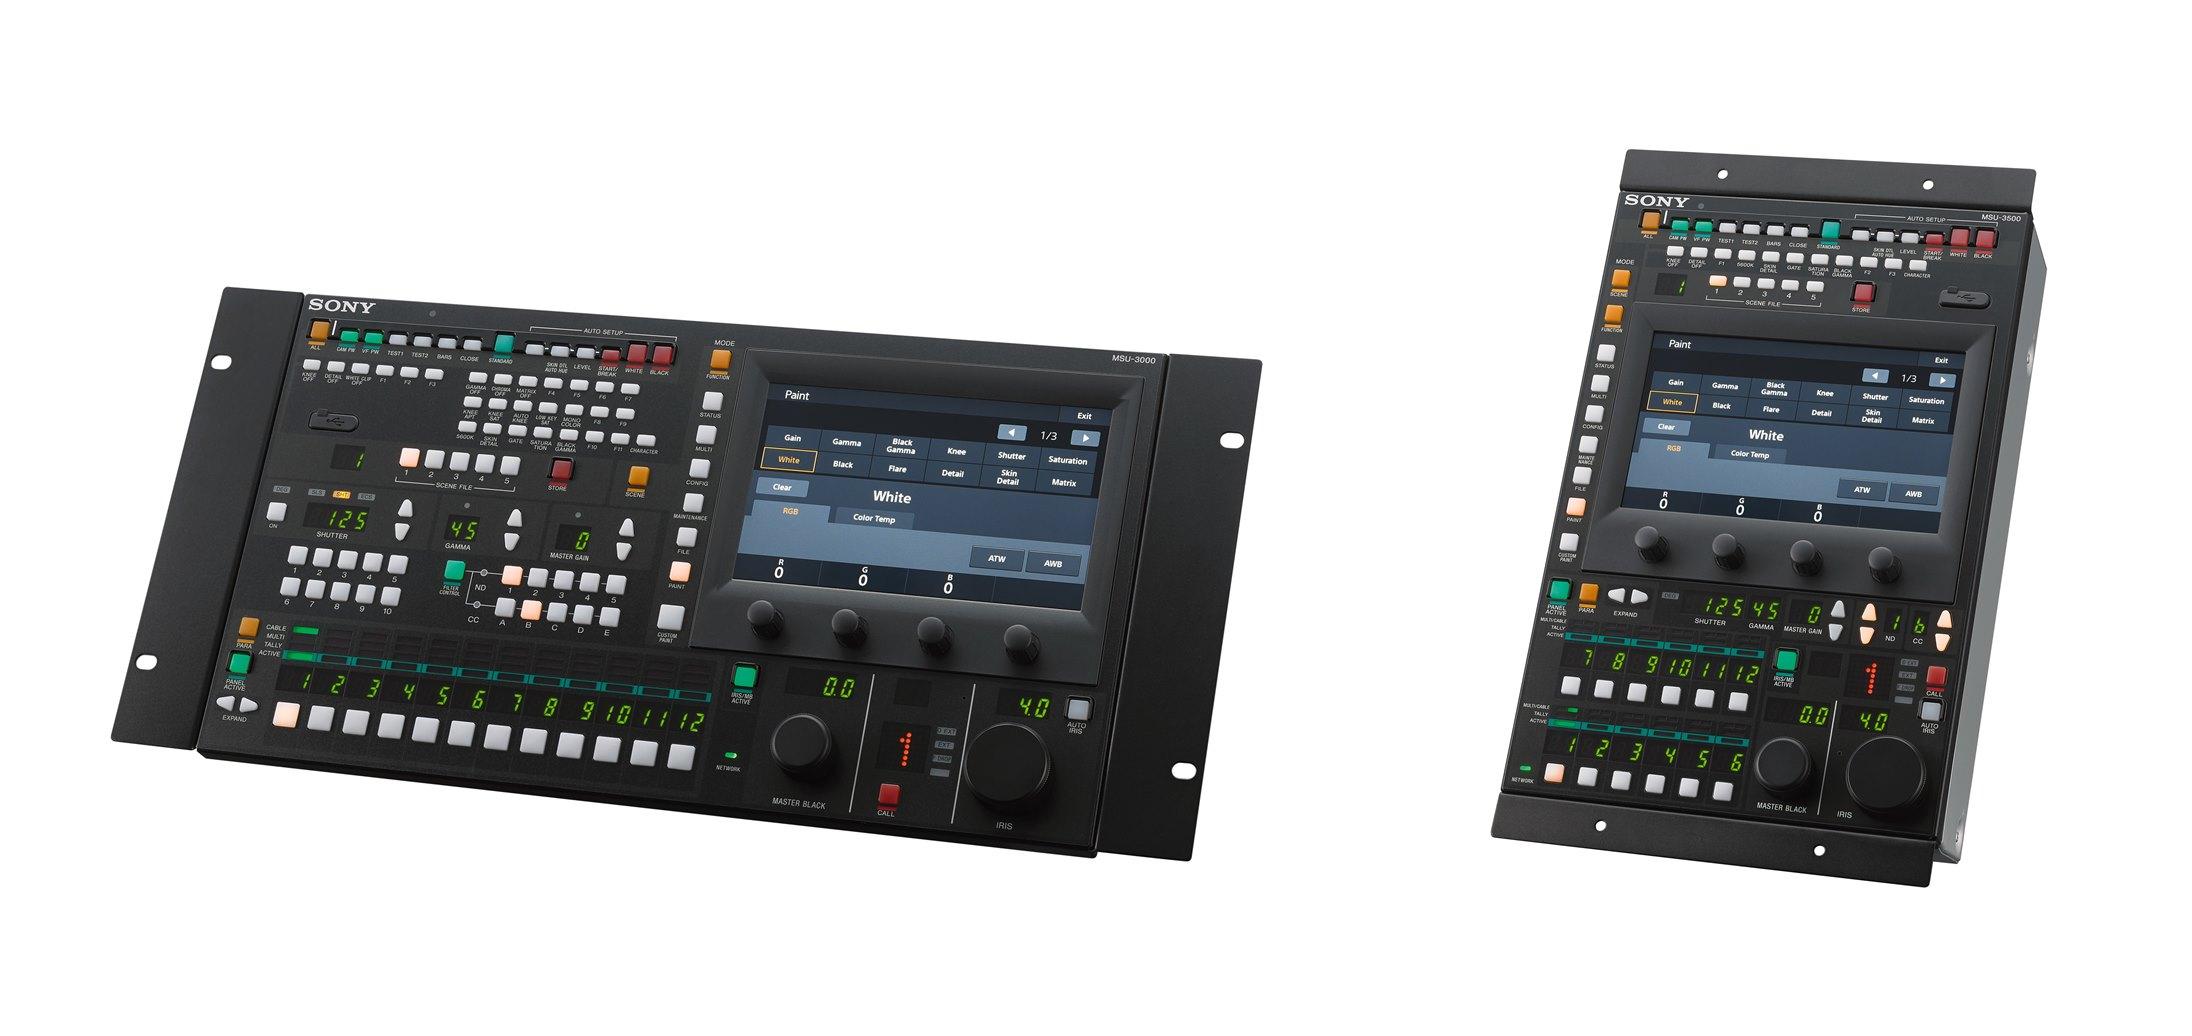 시스템 카메라용 마스터 셋업 유닛, MSU-3000(좌)와 MSU-3500(우)